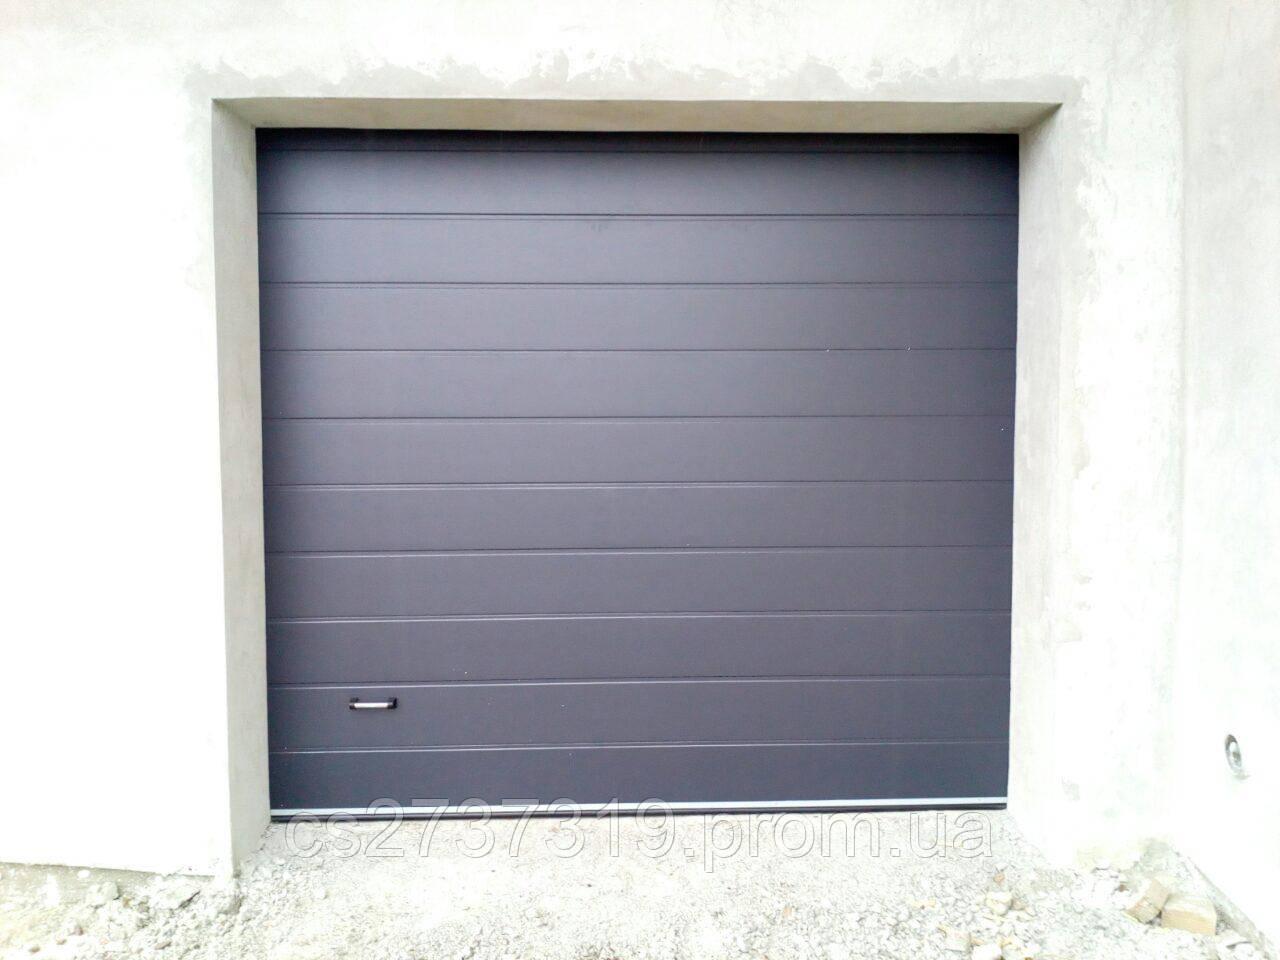 Гаражные секционные ворота  DoorHan 2900*2600